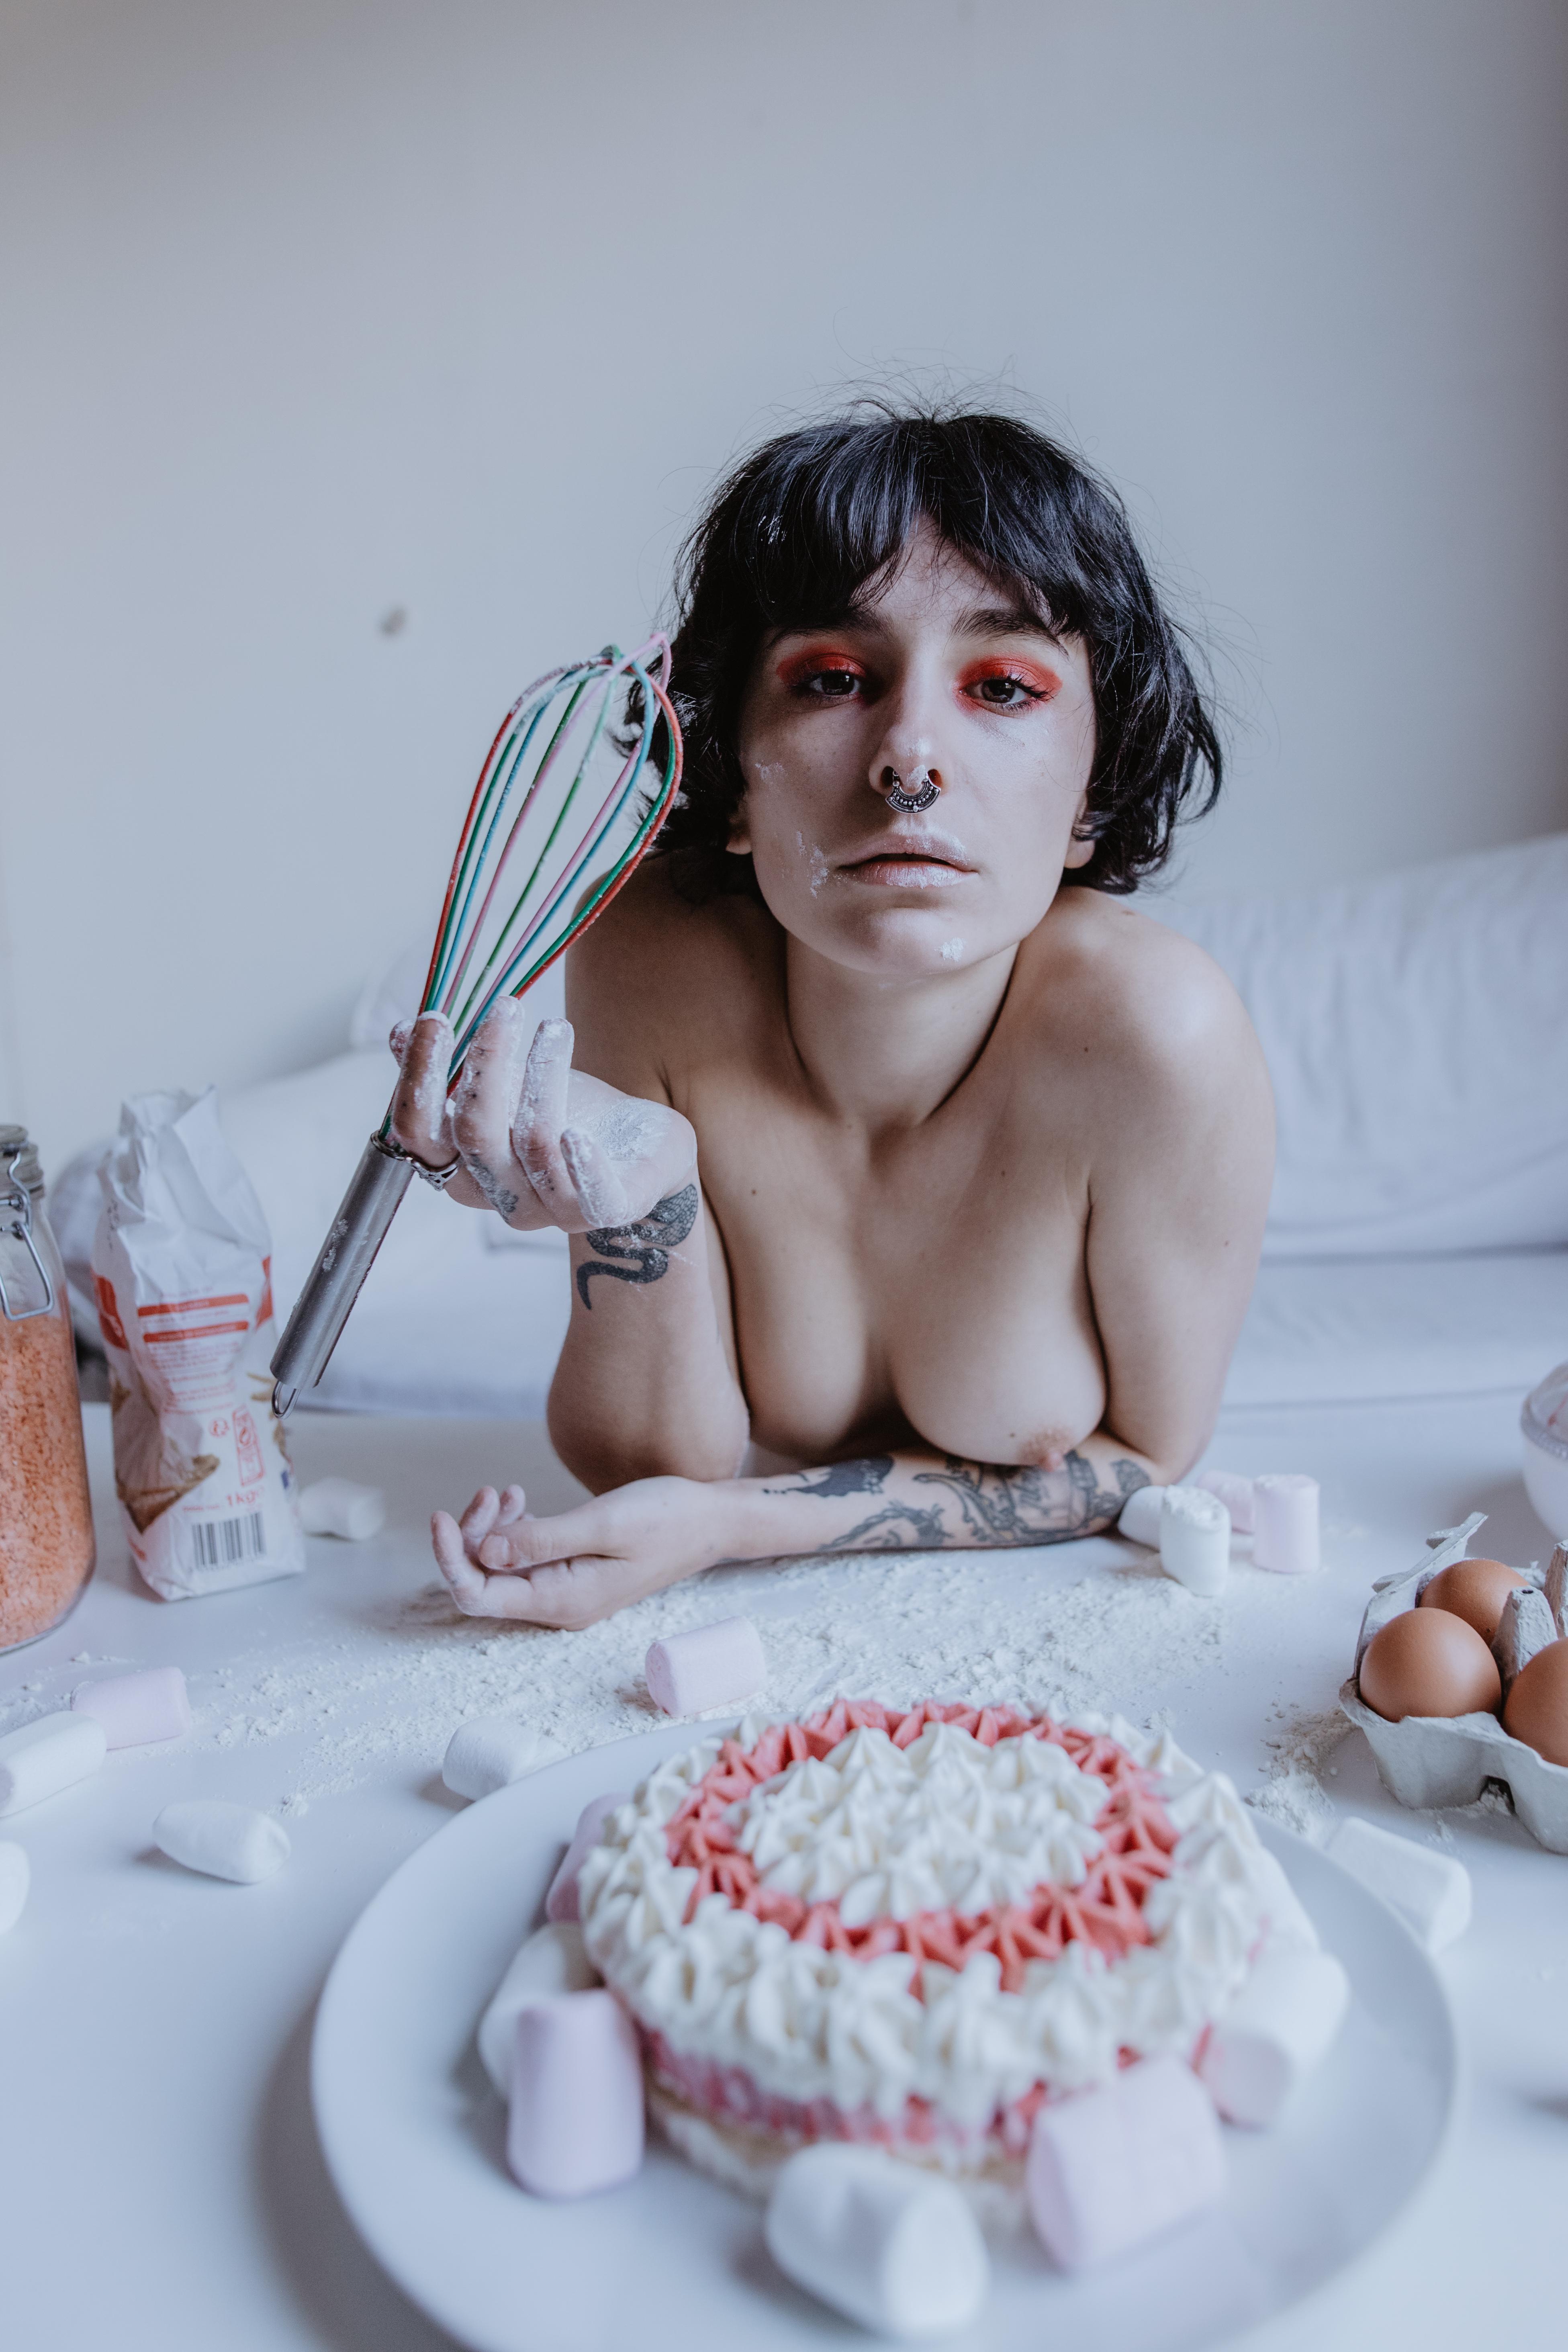 Erotico Pâtisserie